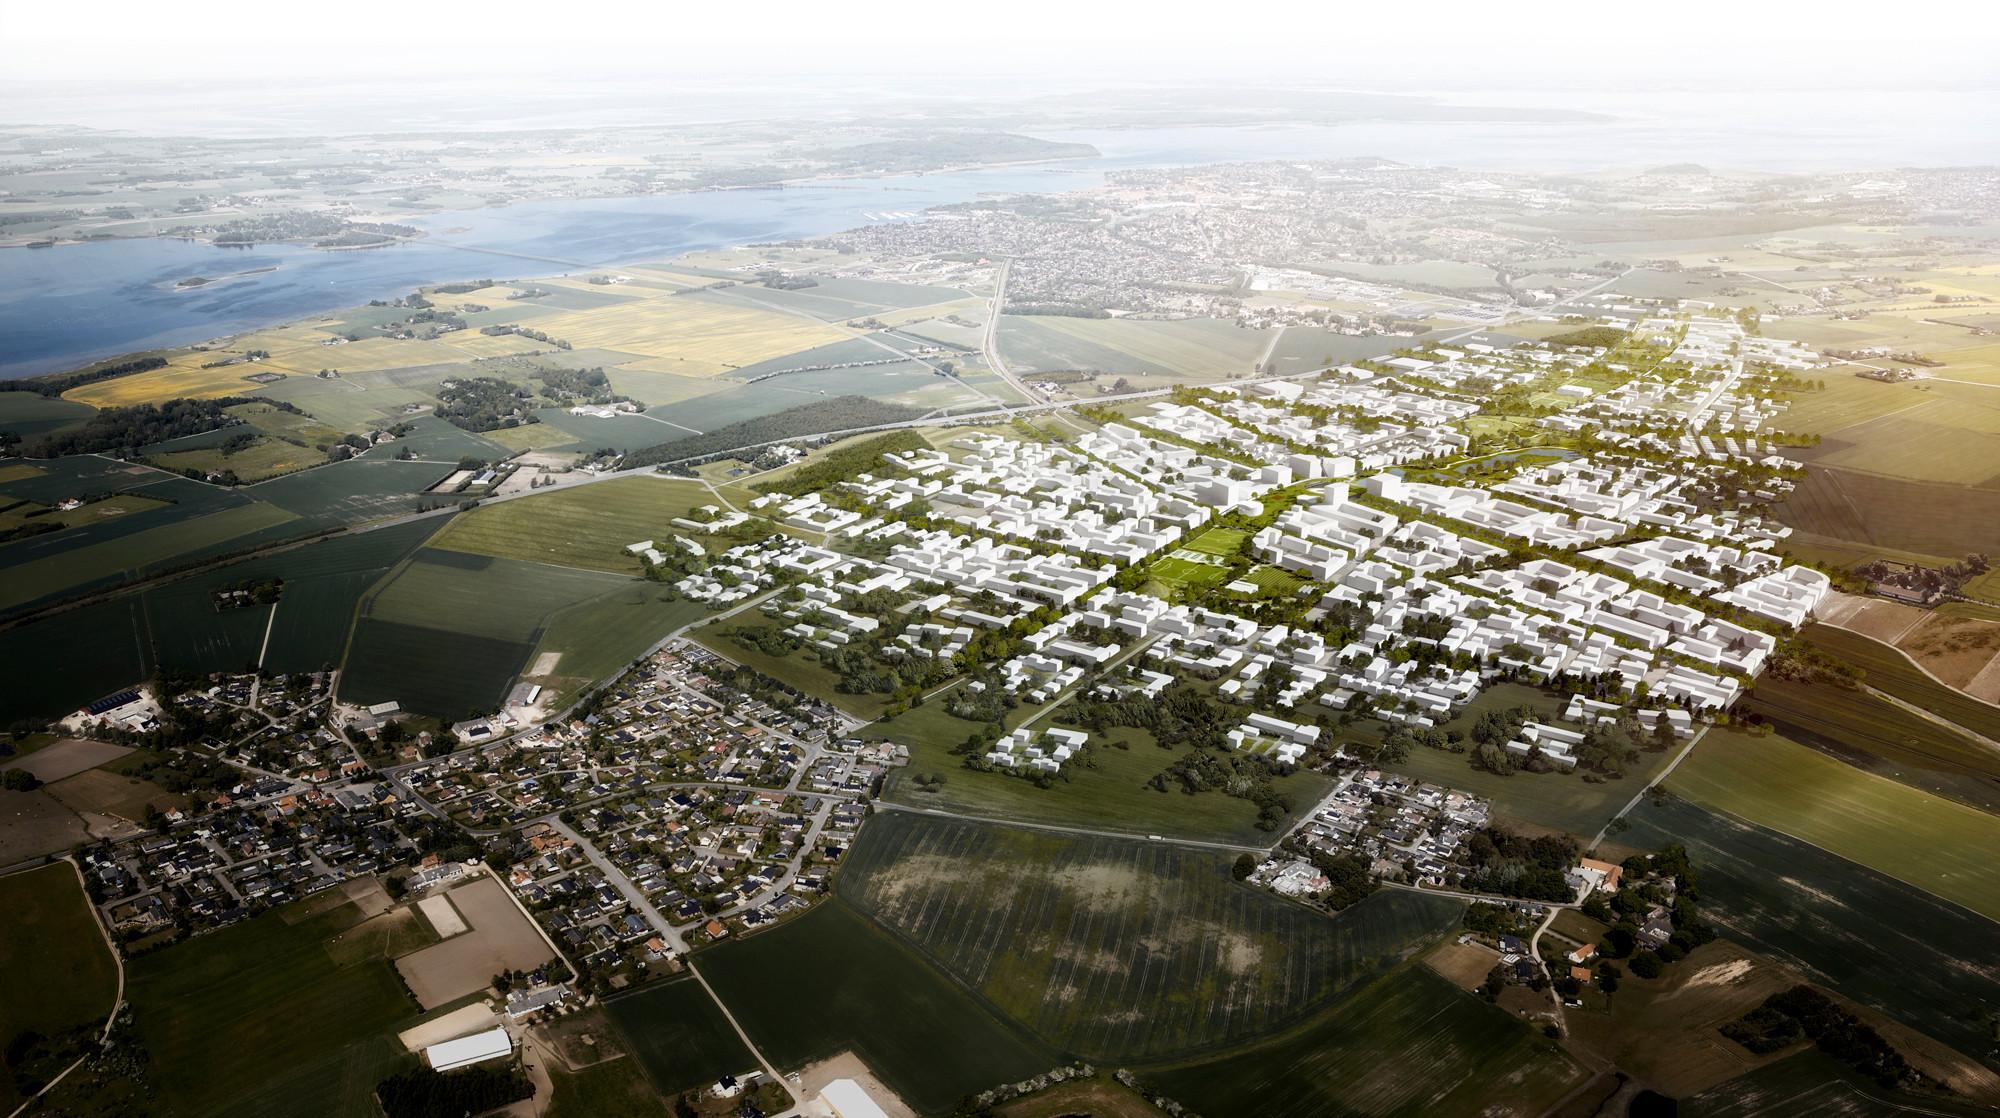 Vinge Masterplan Proposal / EFFEKT + Henning Larsen Architects, Courtesy of EFFEKT + Henning Larsen Architects